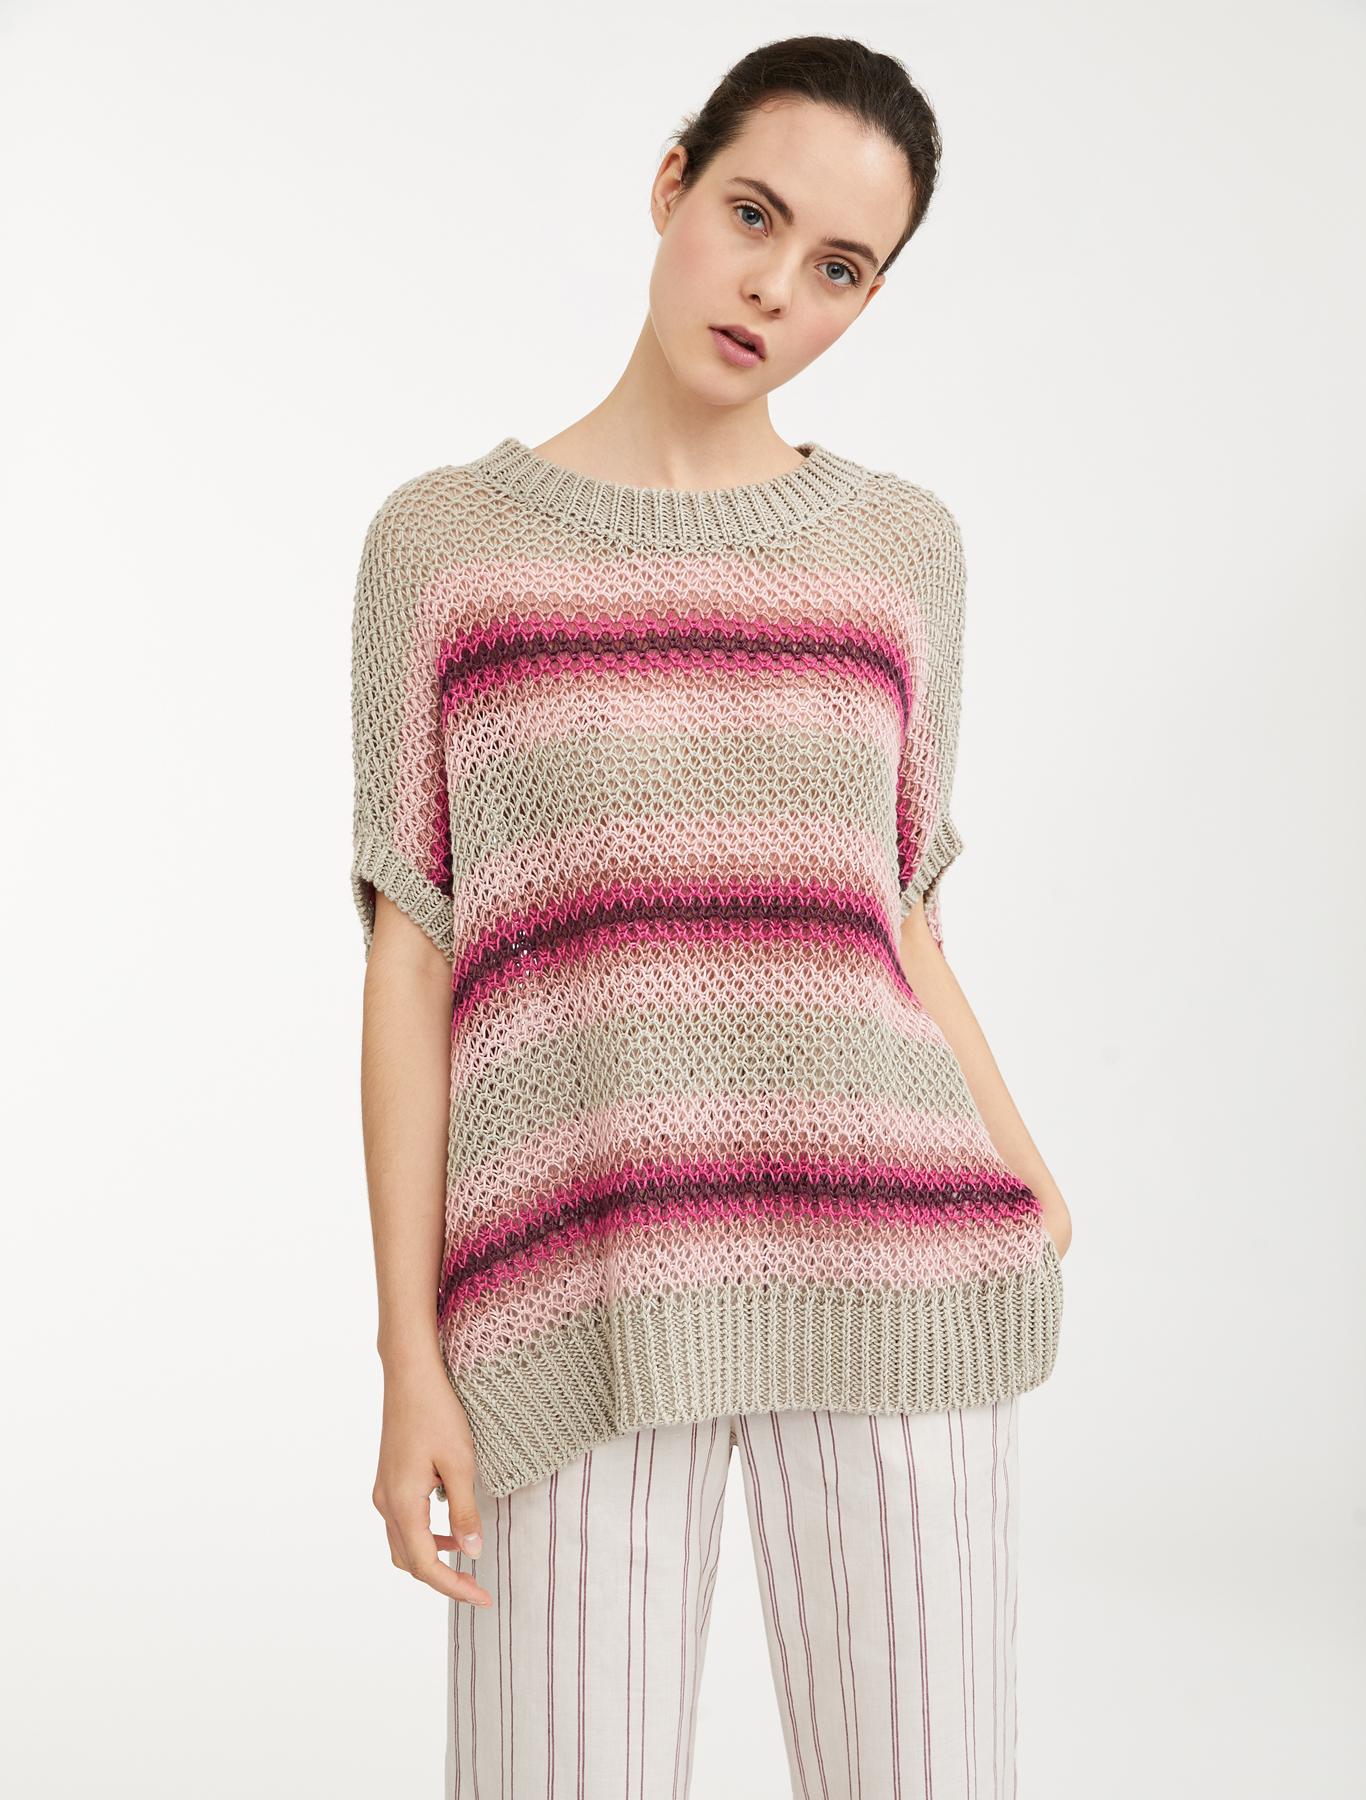 b00acb2af5fe Linen yarn jumper. £170.00. Linen yarn jumper Weekend Maxmara